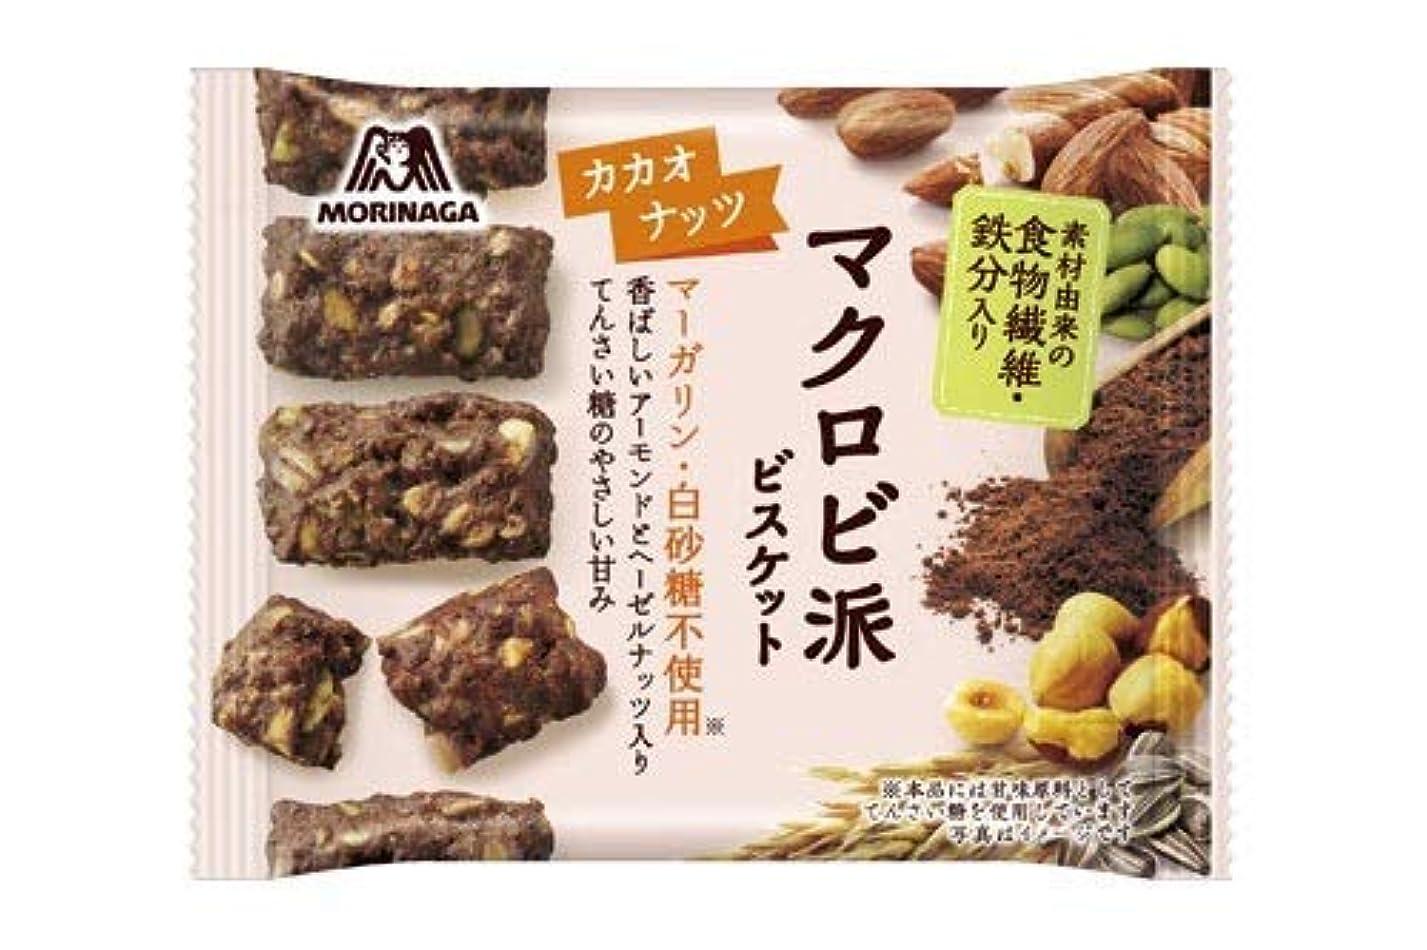 上院日光まとめる森永製菓 マクロビ派ビスケット カカオナッツ 60個セット